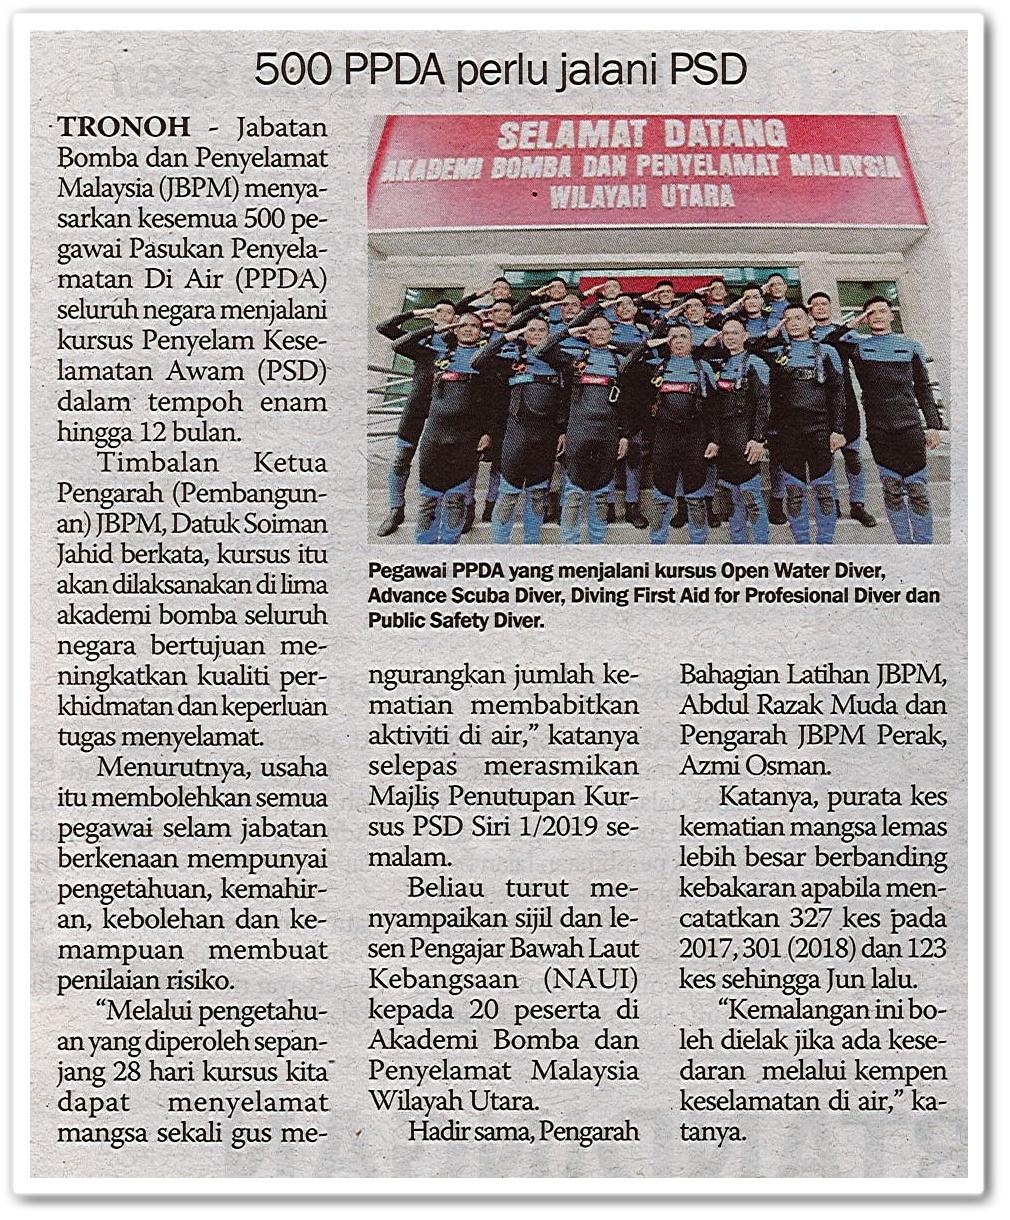 500 PPDA perlu jalani PSD - Keratan akhbar Sinar Harian 3 Ogos 2019